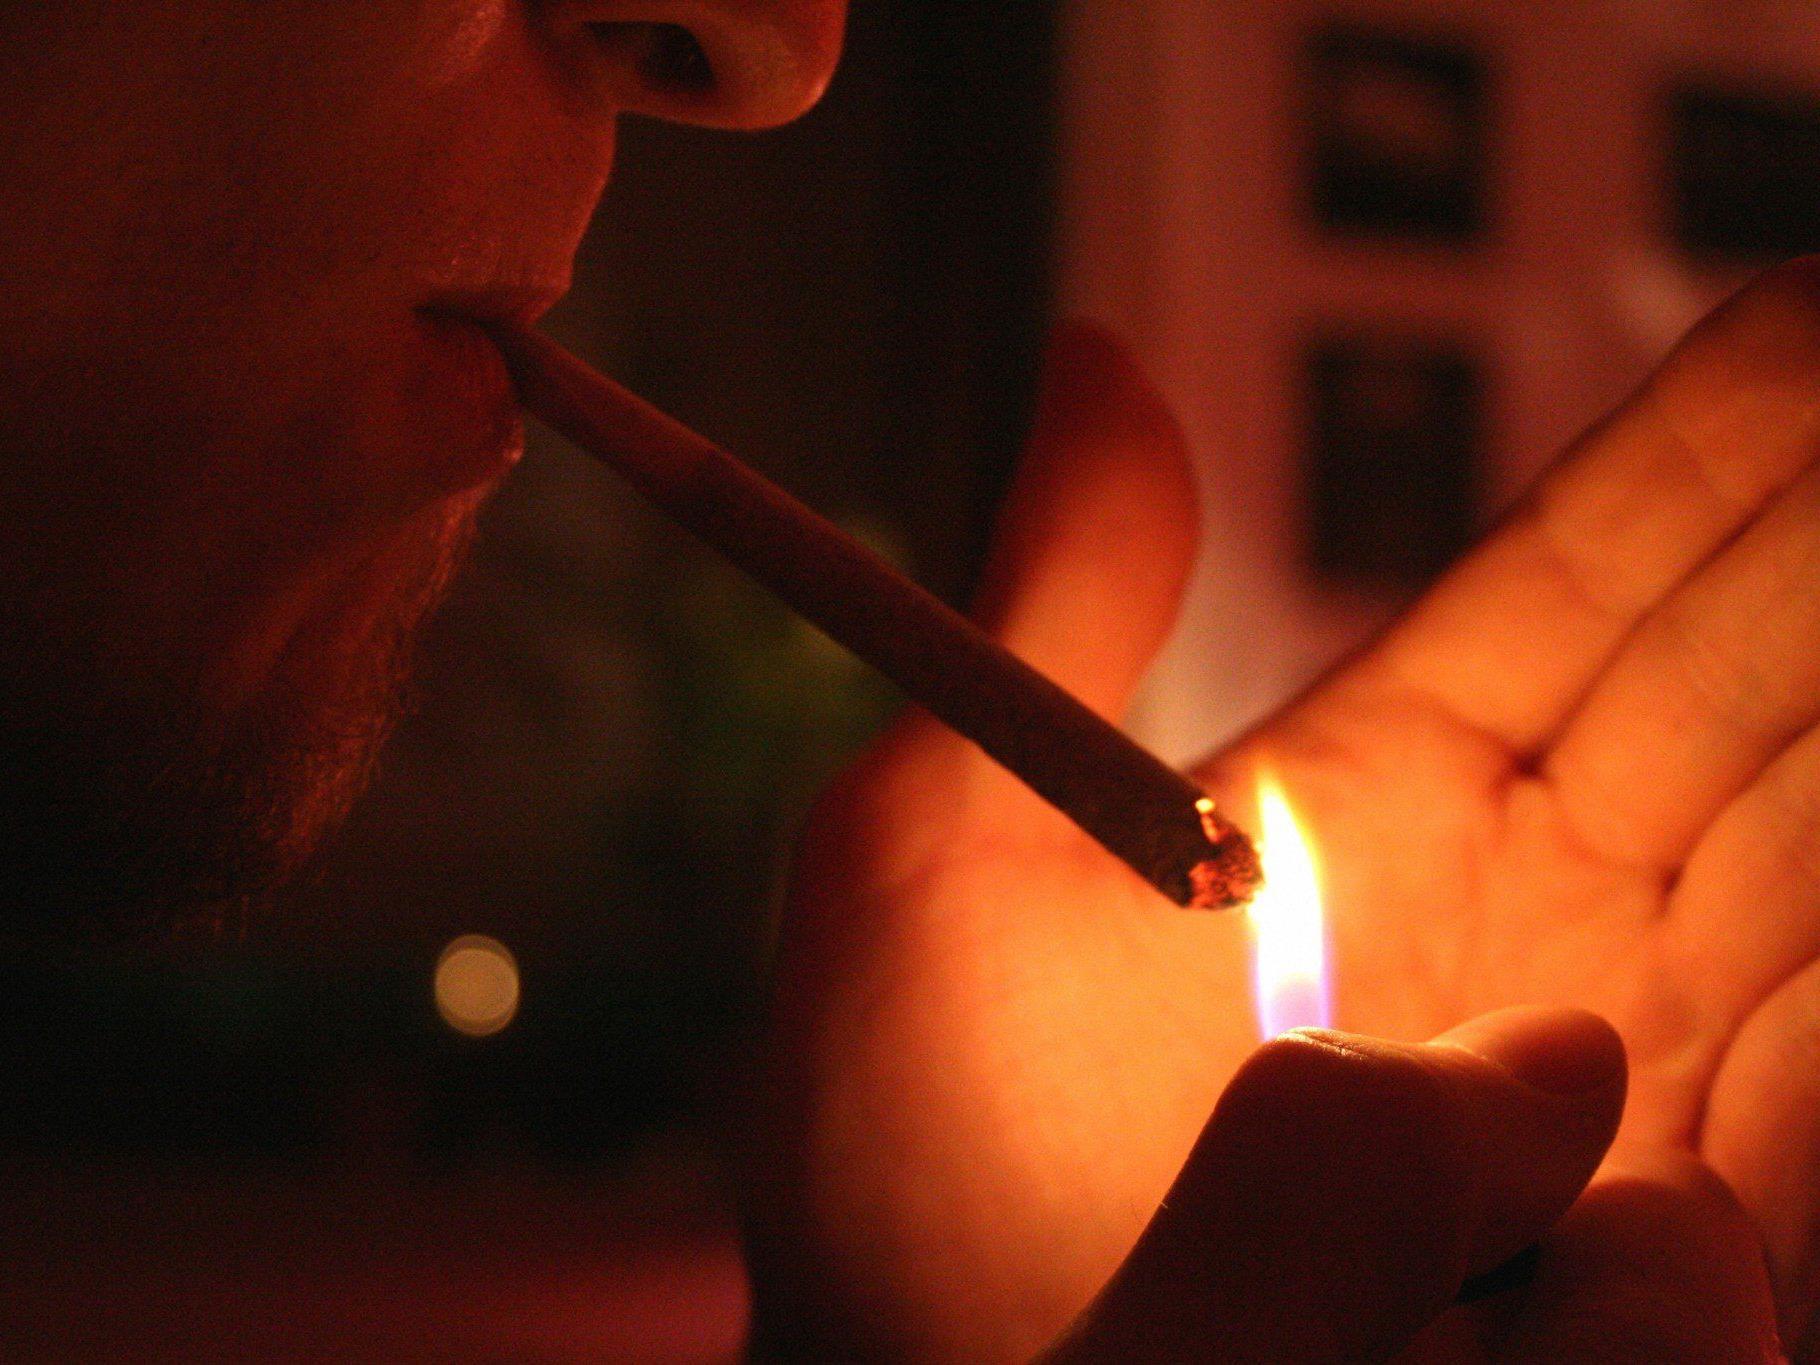 Der Wert der Drogen wird etwa auf 1,5 Millionen Euro geschätzt.